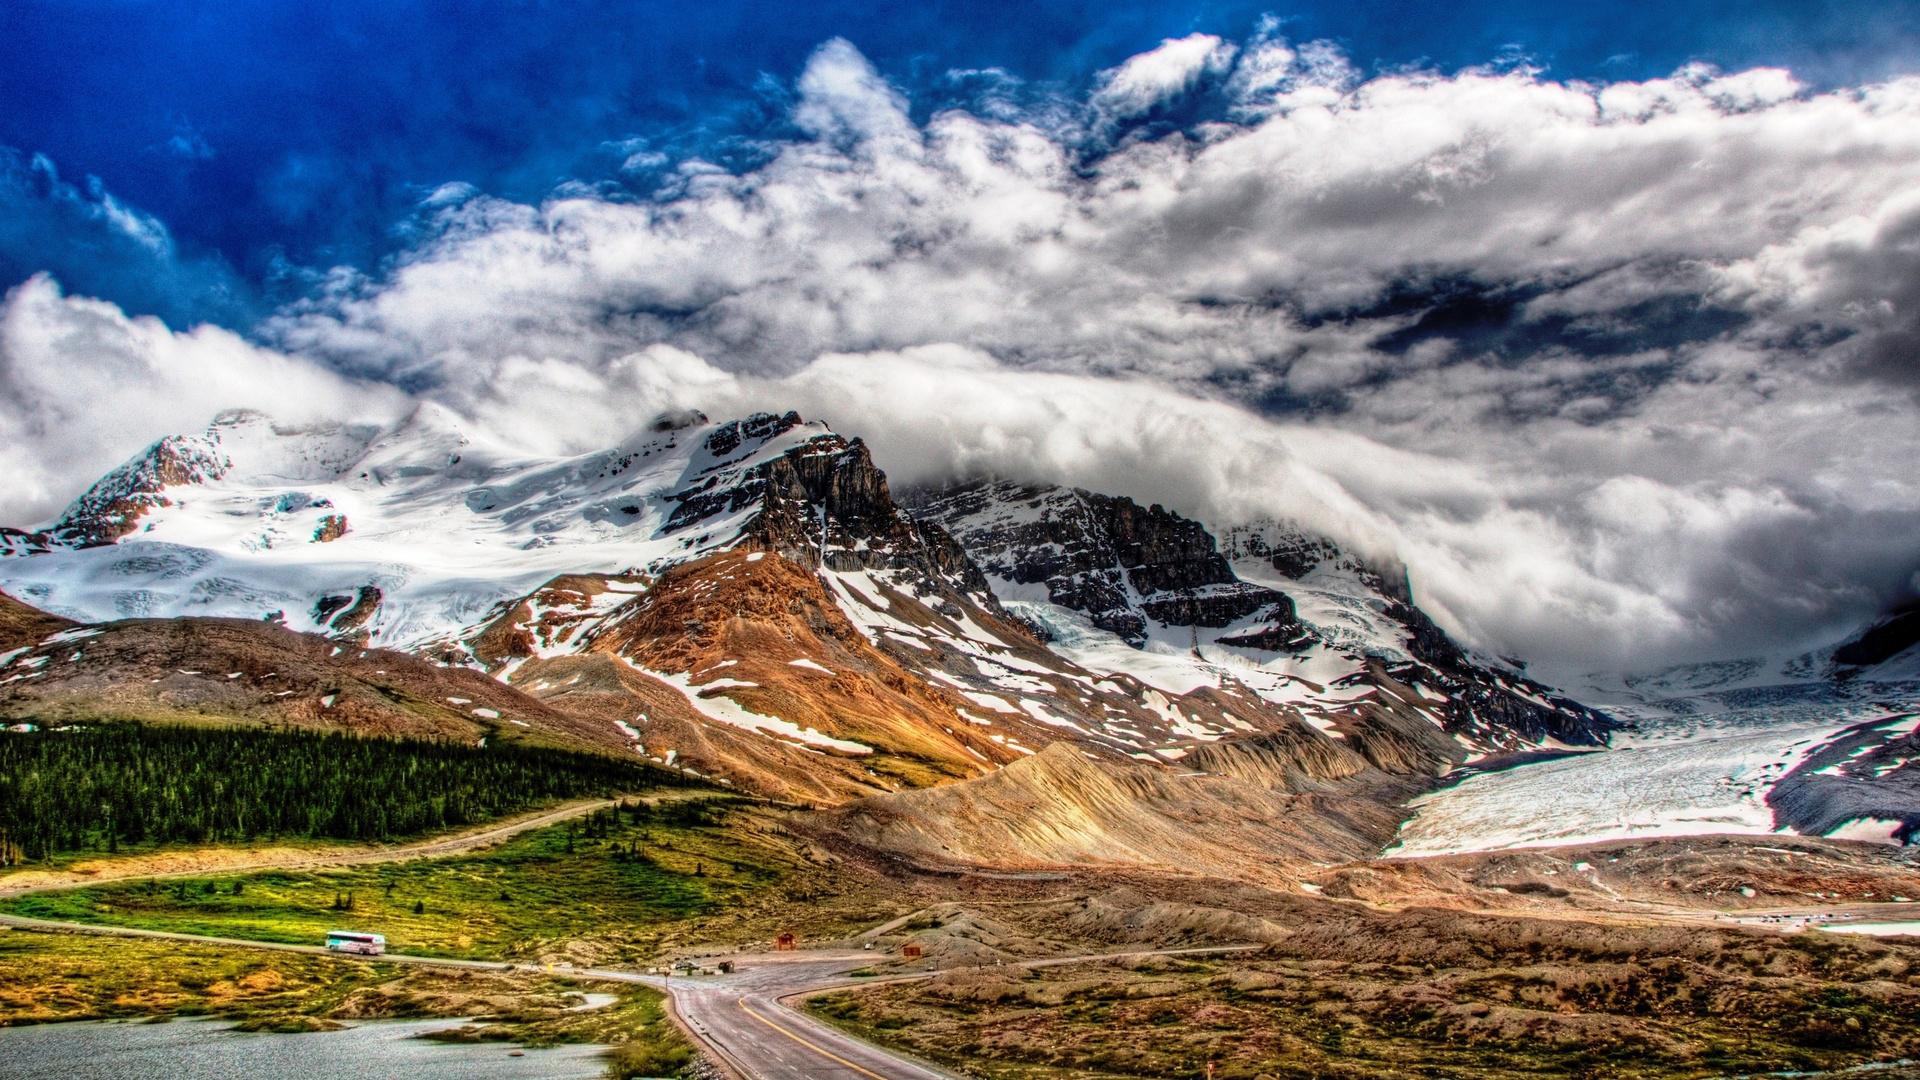 25050 скачать обои Пейзаж, Горы, Облака - заставки и картинки бесплатно